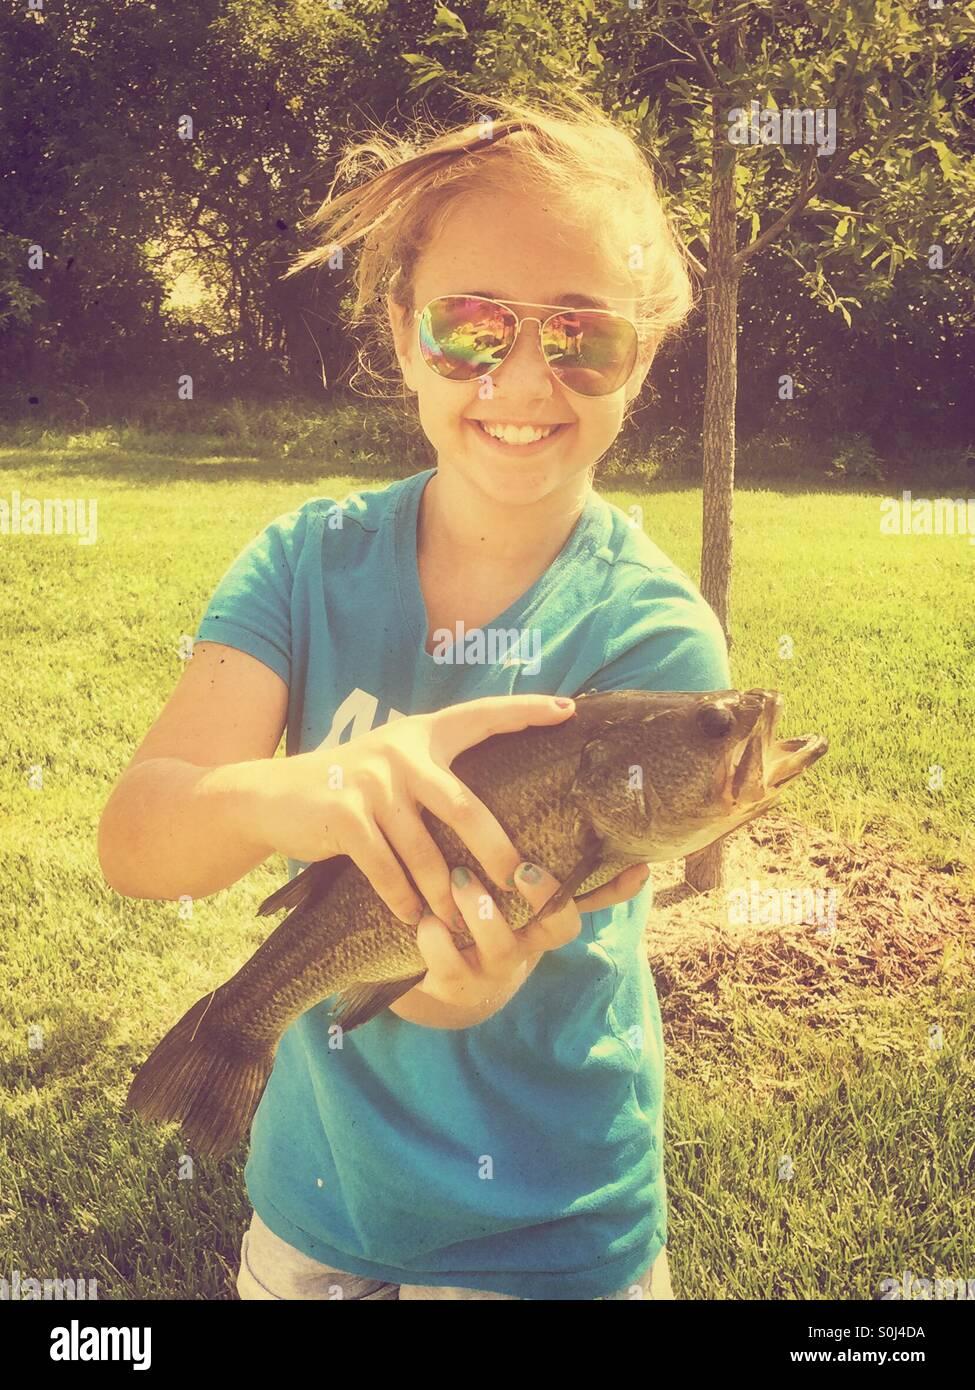 Giovane ragazza tenendo un Largemouth Bass ha catturati durante la pesca Immagini Stock